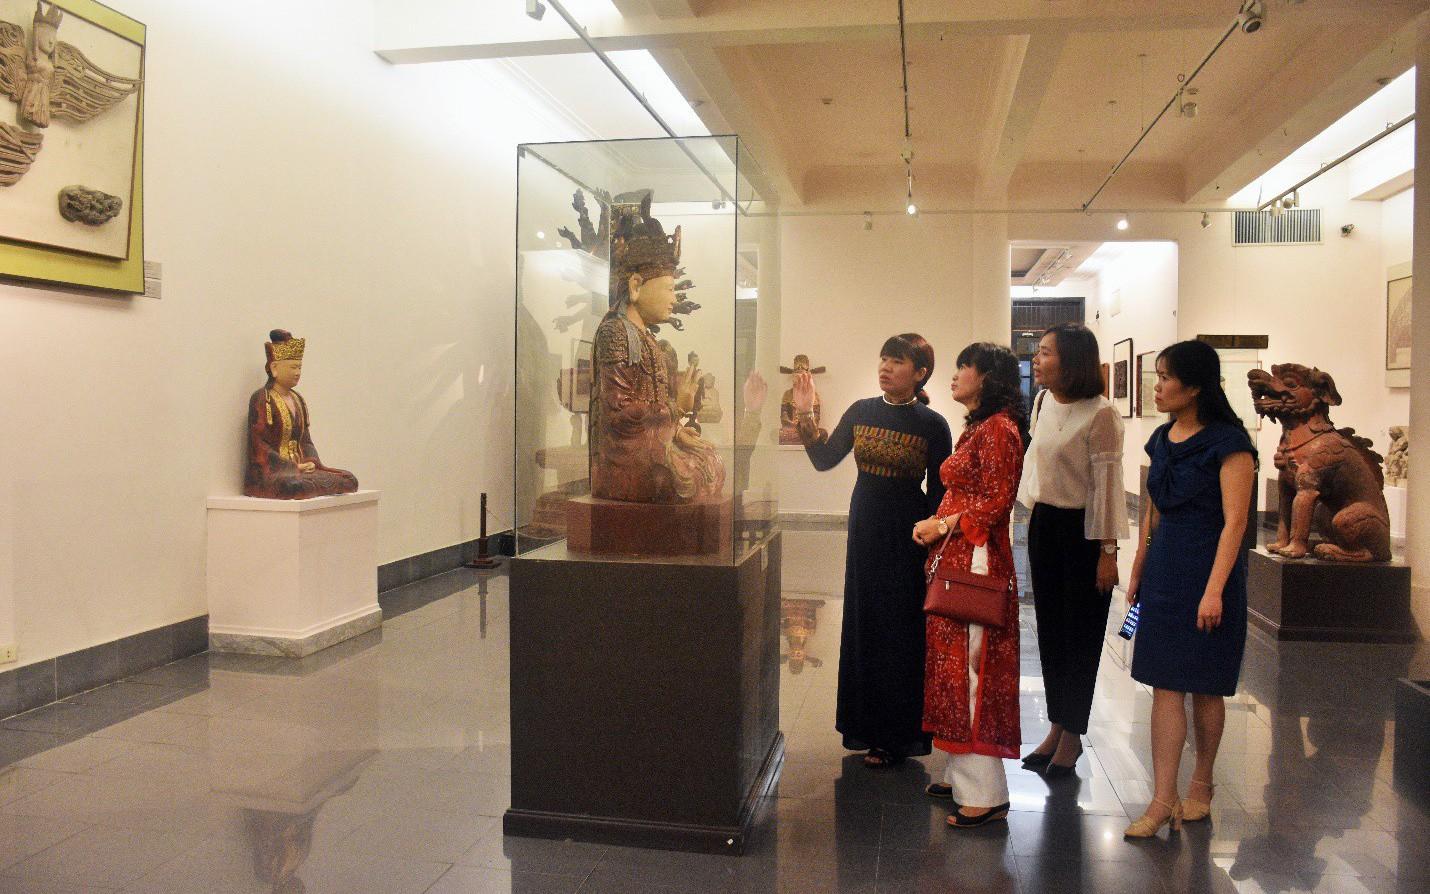 Hợp tác trưng bày giữa Bảo tàng Mỹ thuật Việt Nam và Bảo tàng Mỹ thuật Huế